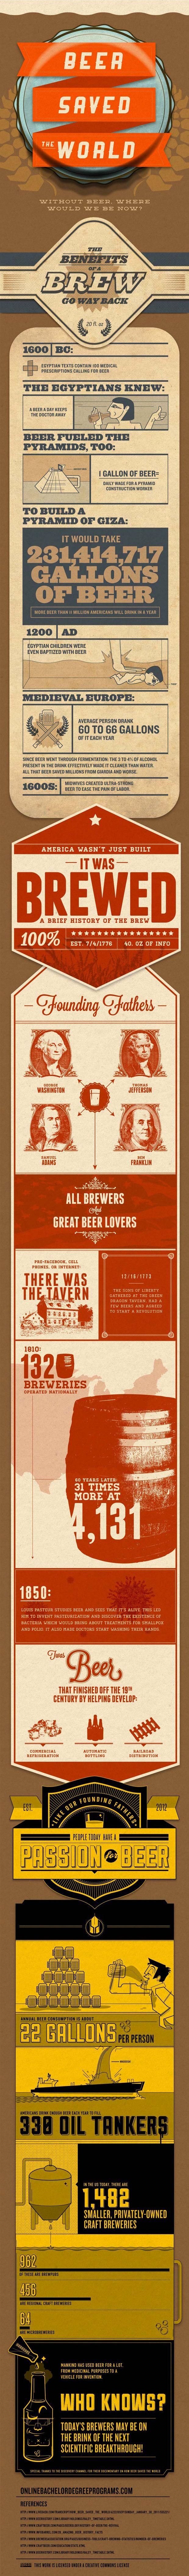 wie bier die welt rettete